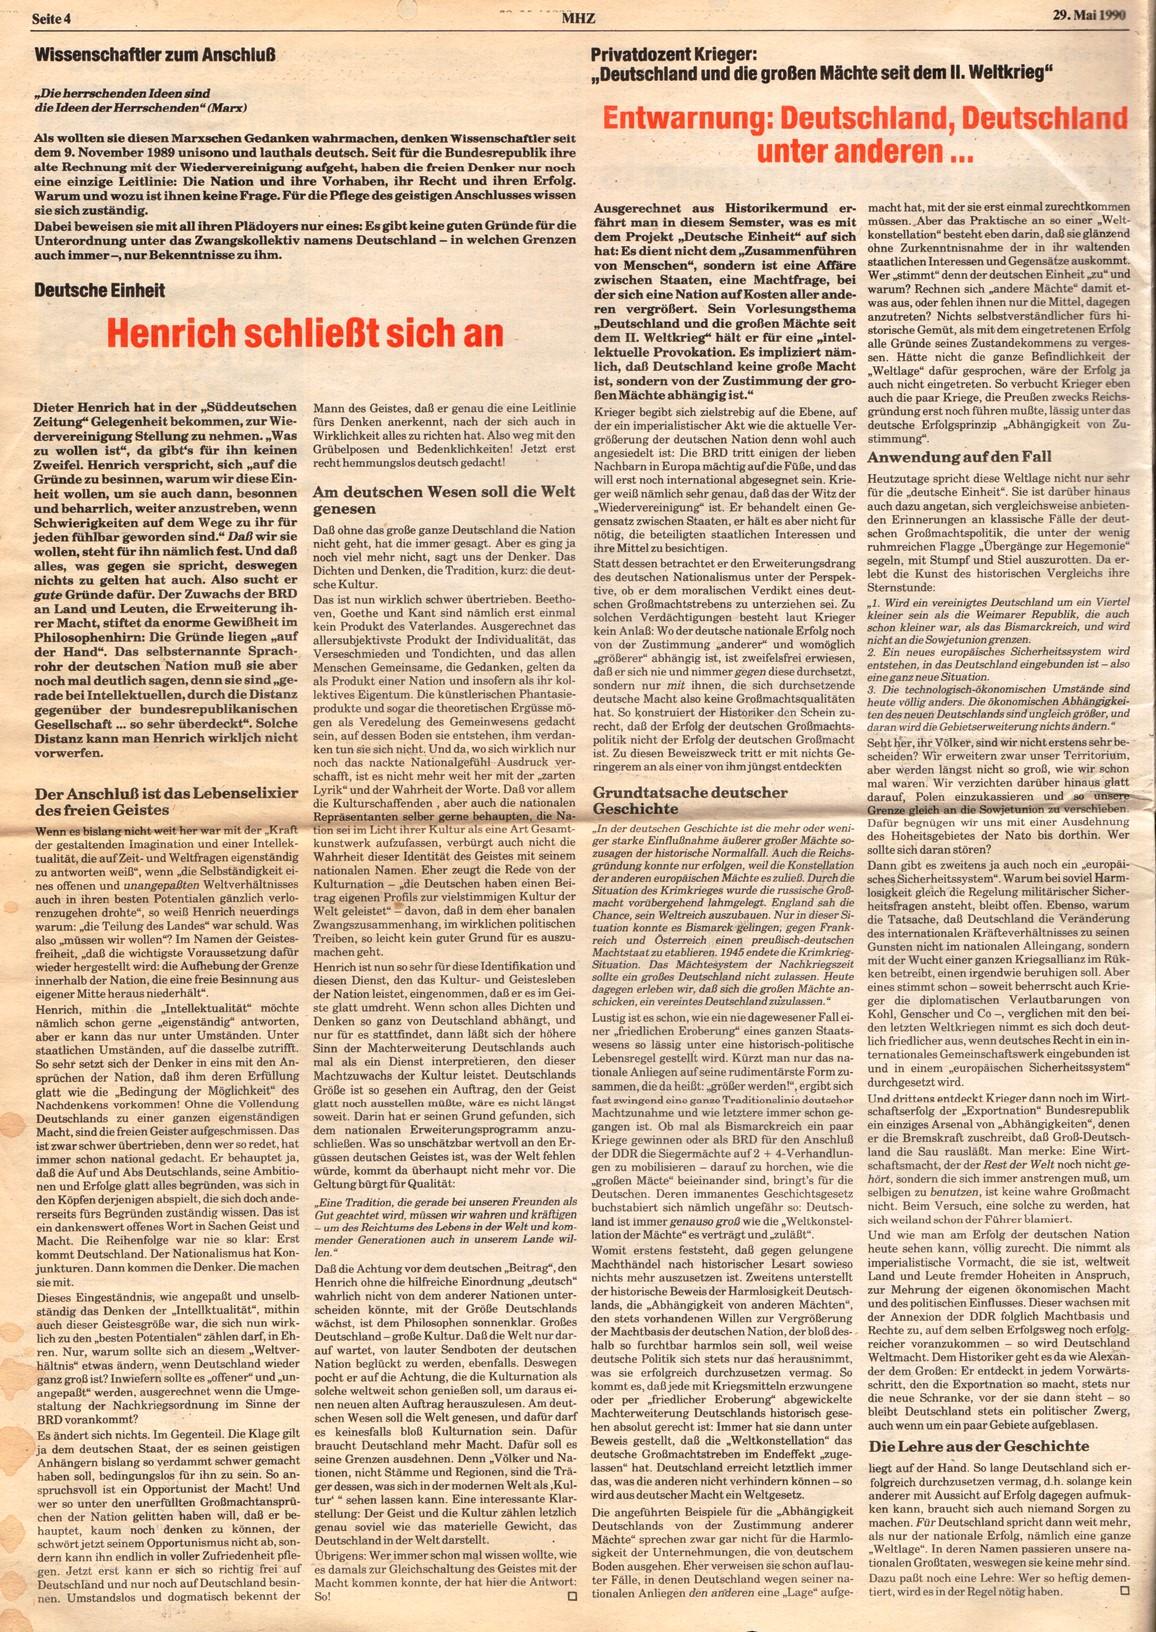 Muenchen_MG_Hochschulzeitung_19900529_04